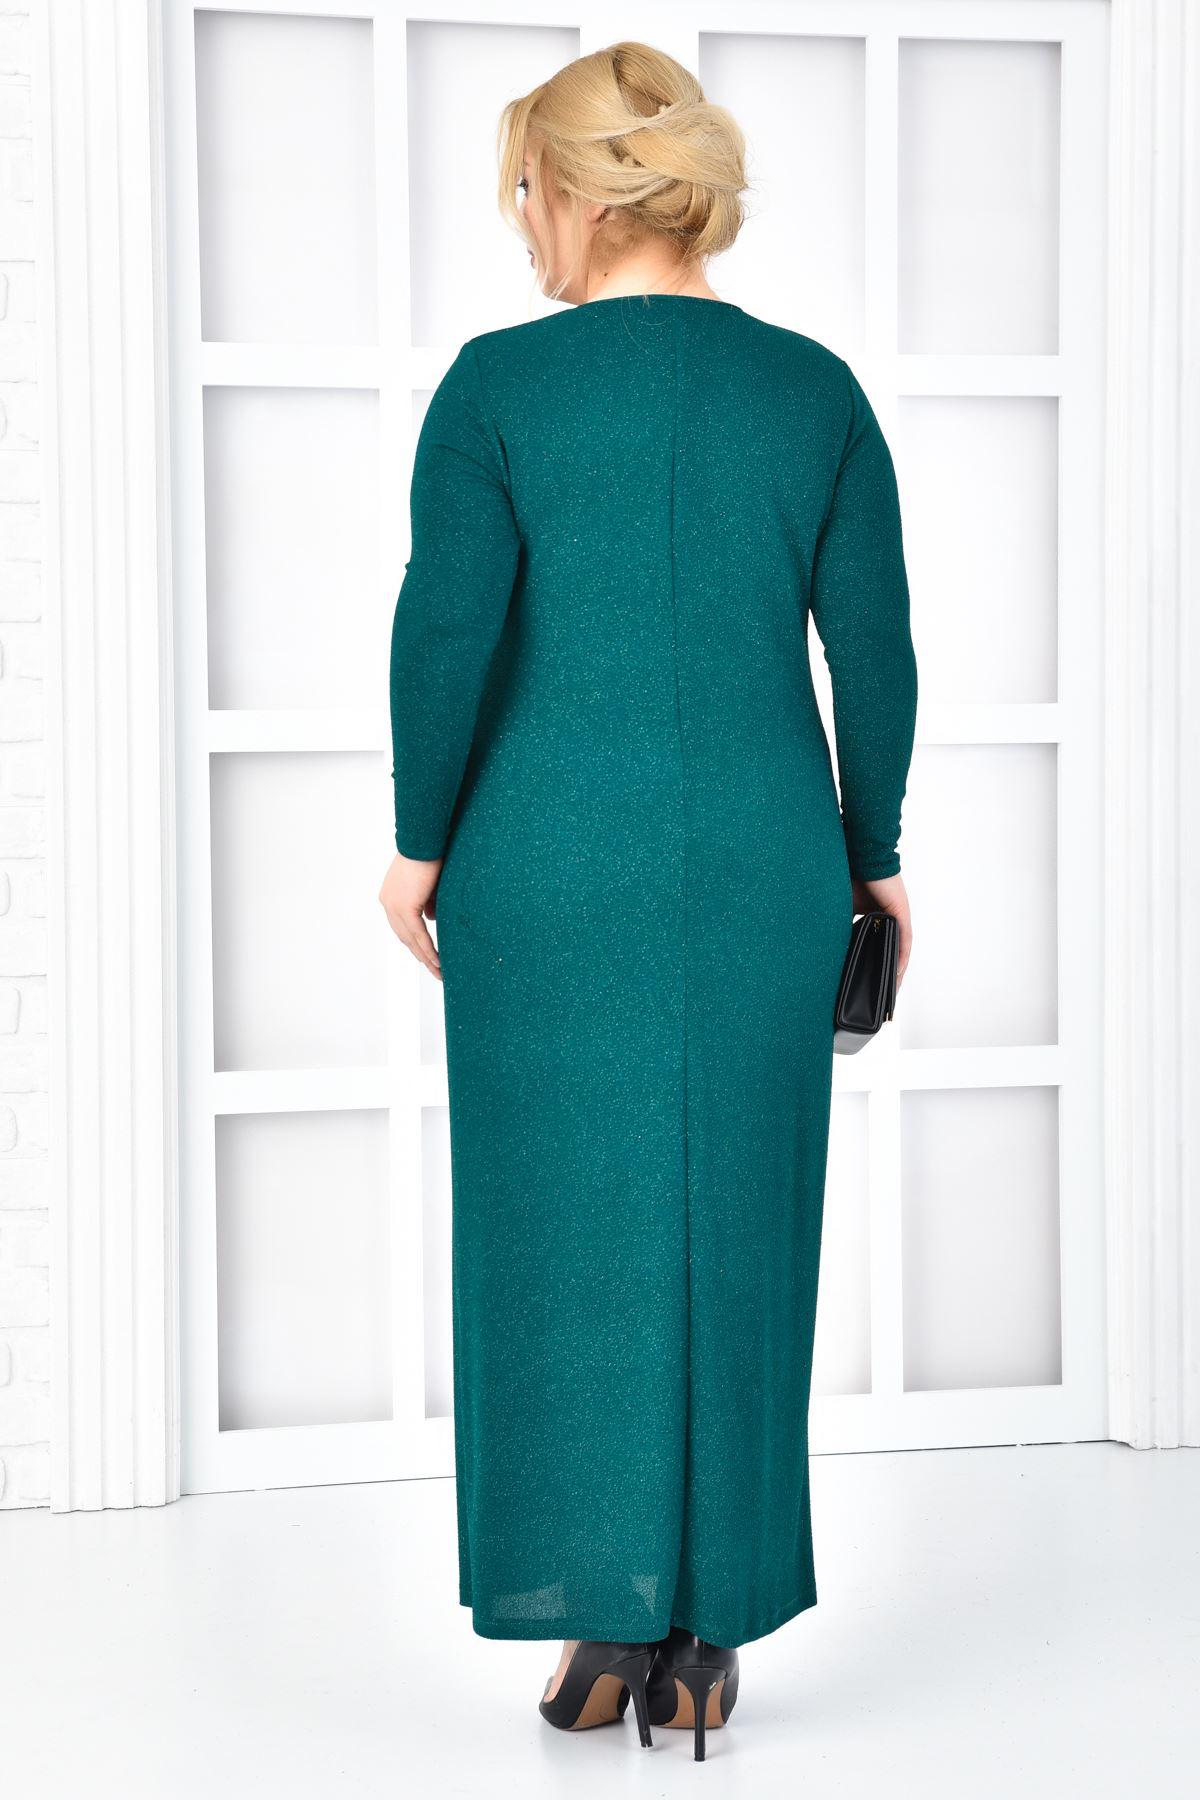 Kadın Yeşil Büyük beden Abiye Uzun Pırıltılı